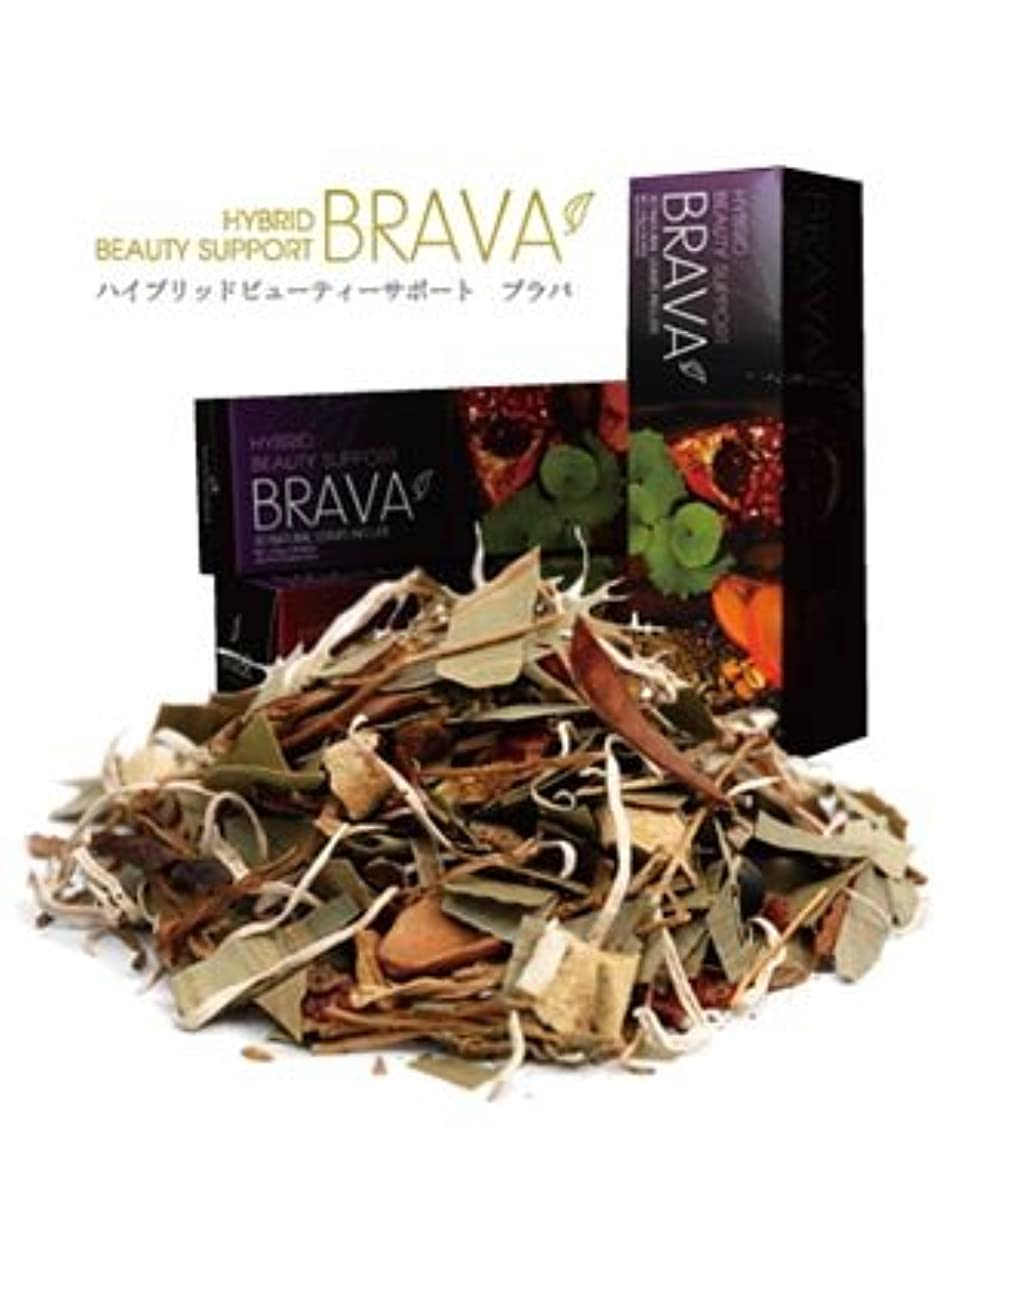 ポジティブ永続鬼ごっこハイブリッドビューティサポート BRAVA(ブラバ) 20包